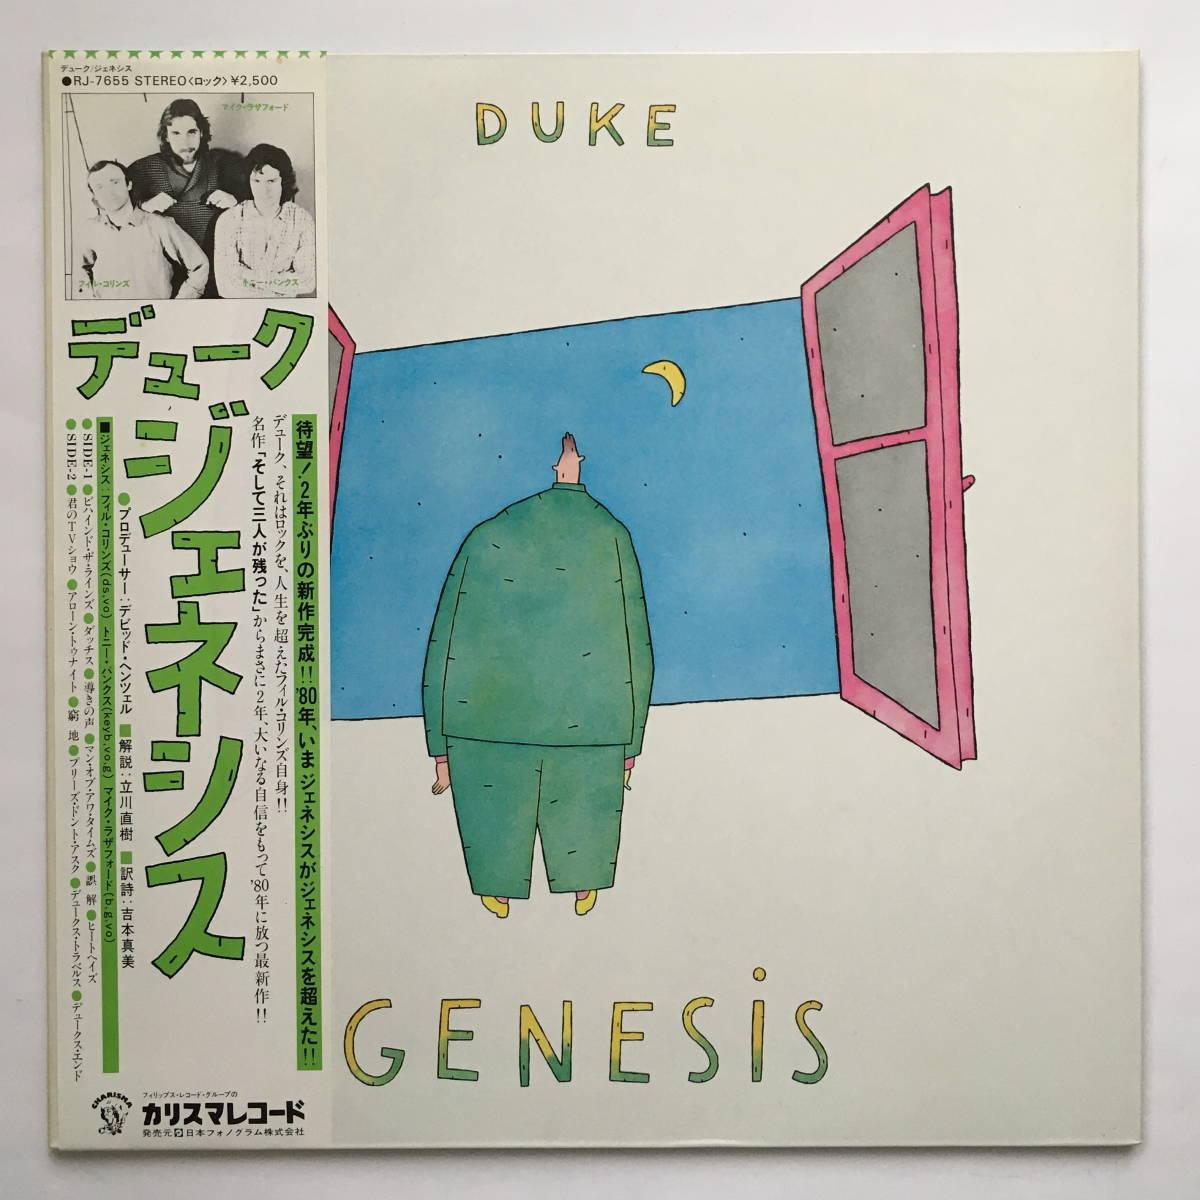 ジェネシス Genesis アルバム3枚「そして3人が残った And Then There Were Three」「デューク Duke」「アバカブ Abacab フィル・コリンズ_画像5